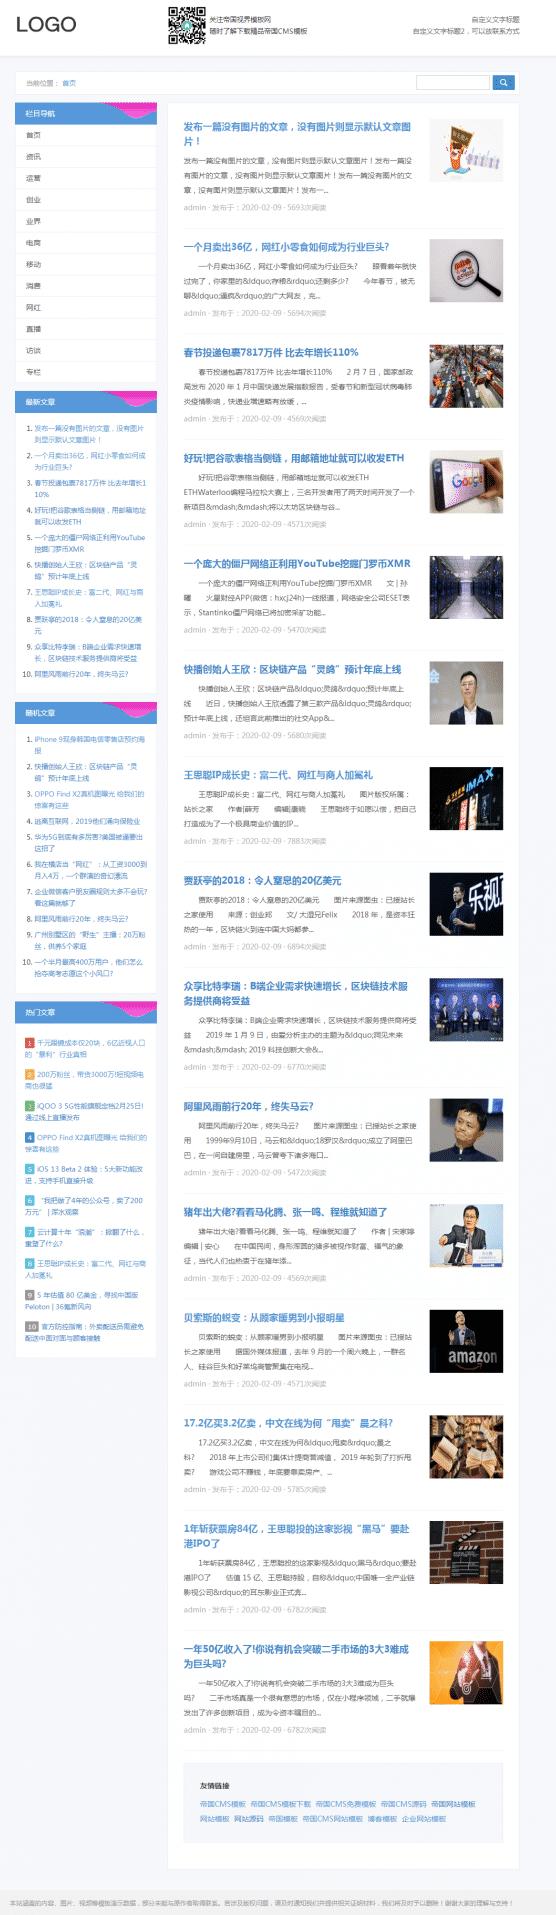 帝国cms响应式蓝色新闻资讯个人博客